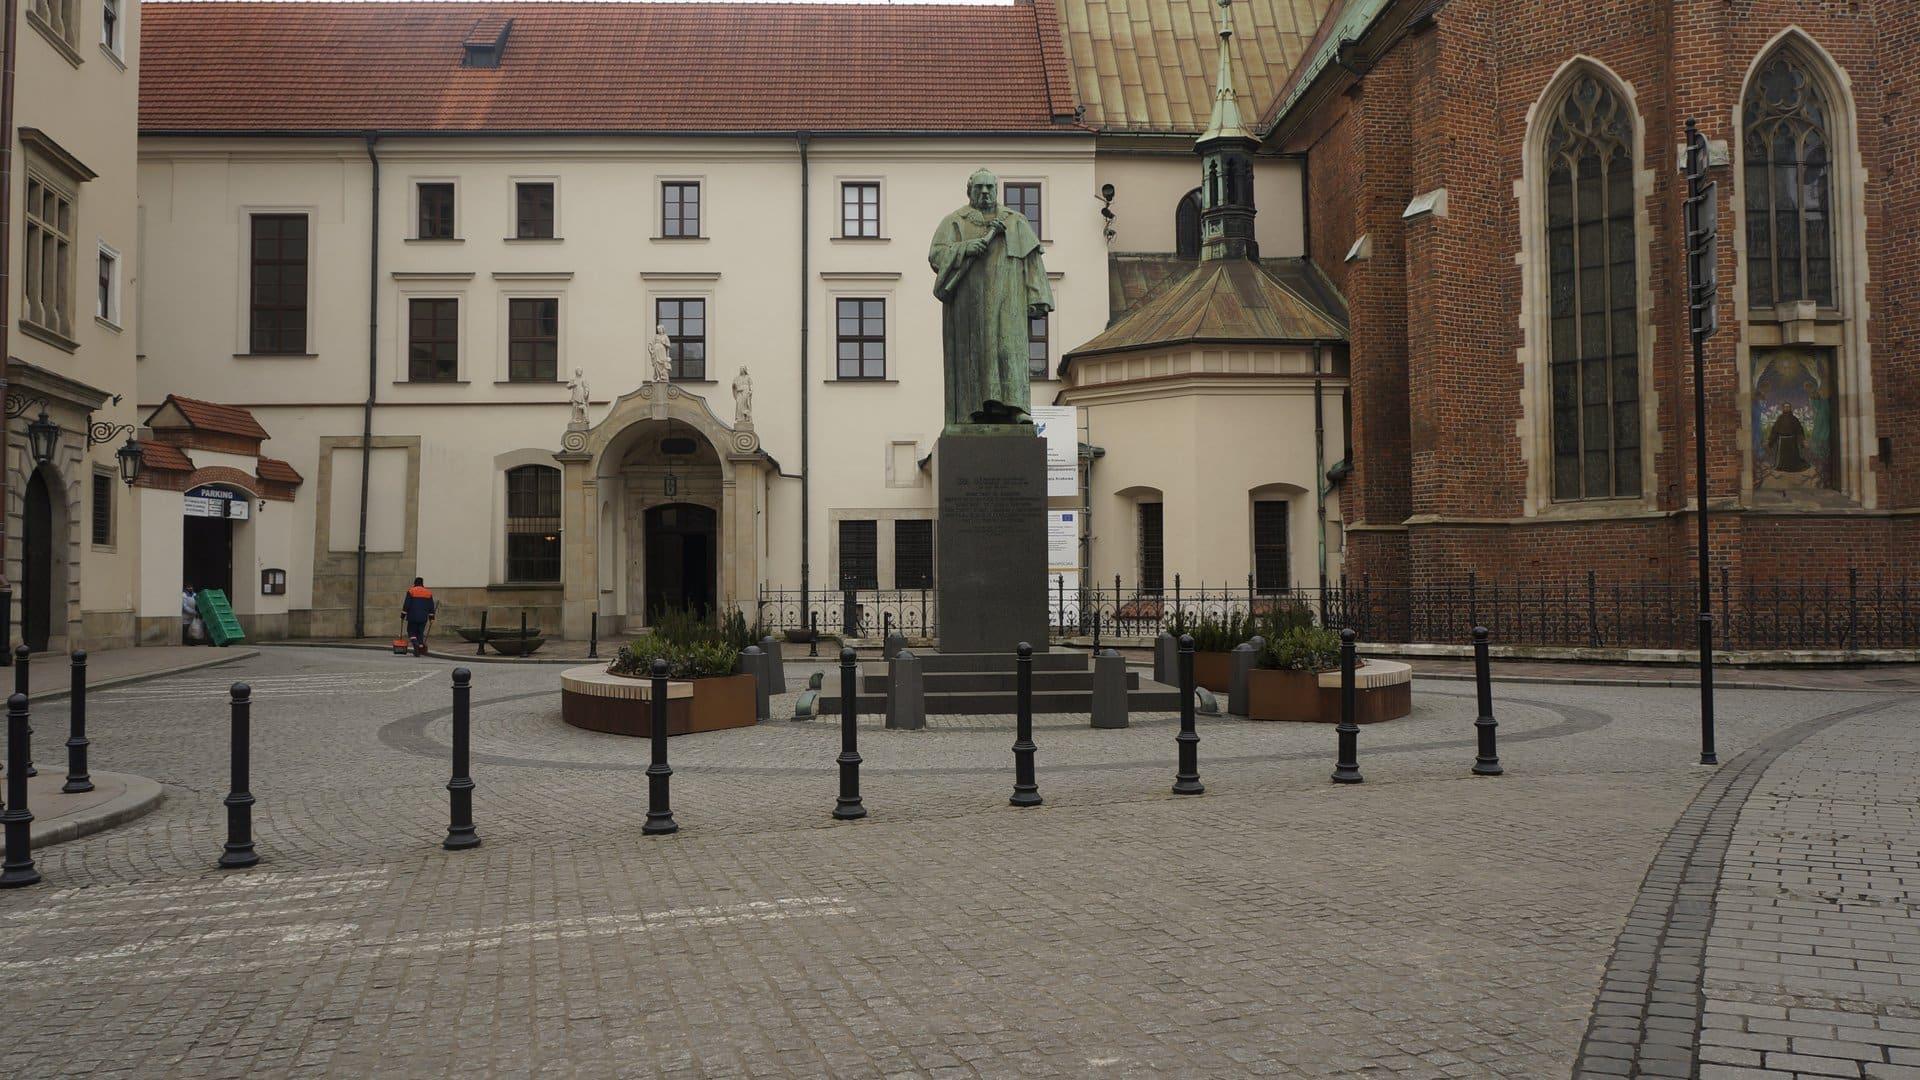 Donice z siedziskami. Strefa relaksu przez Urzędem Miasta Krakowa.